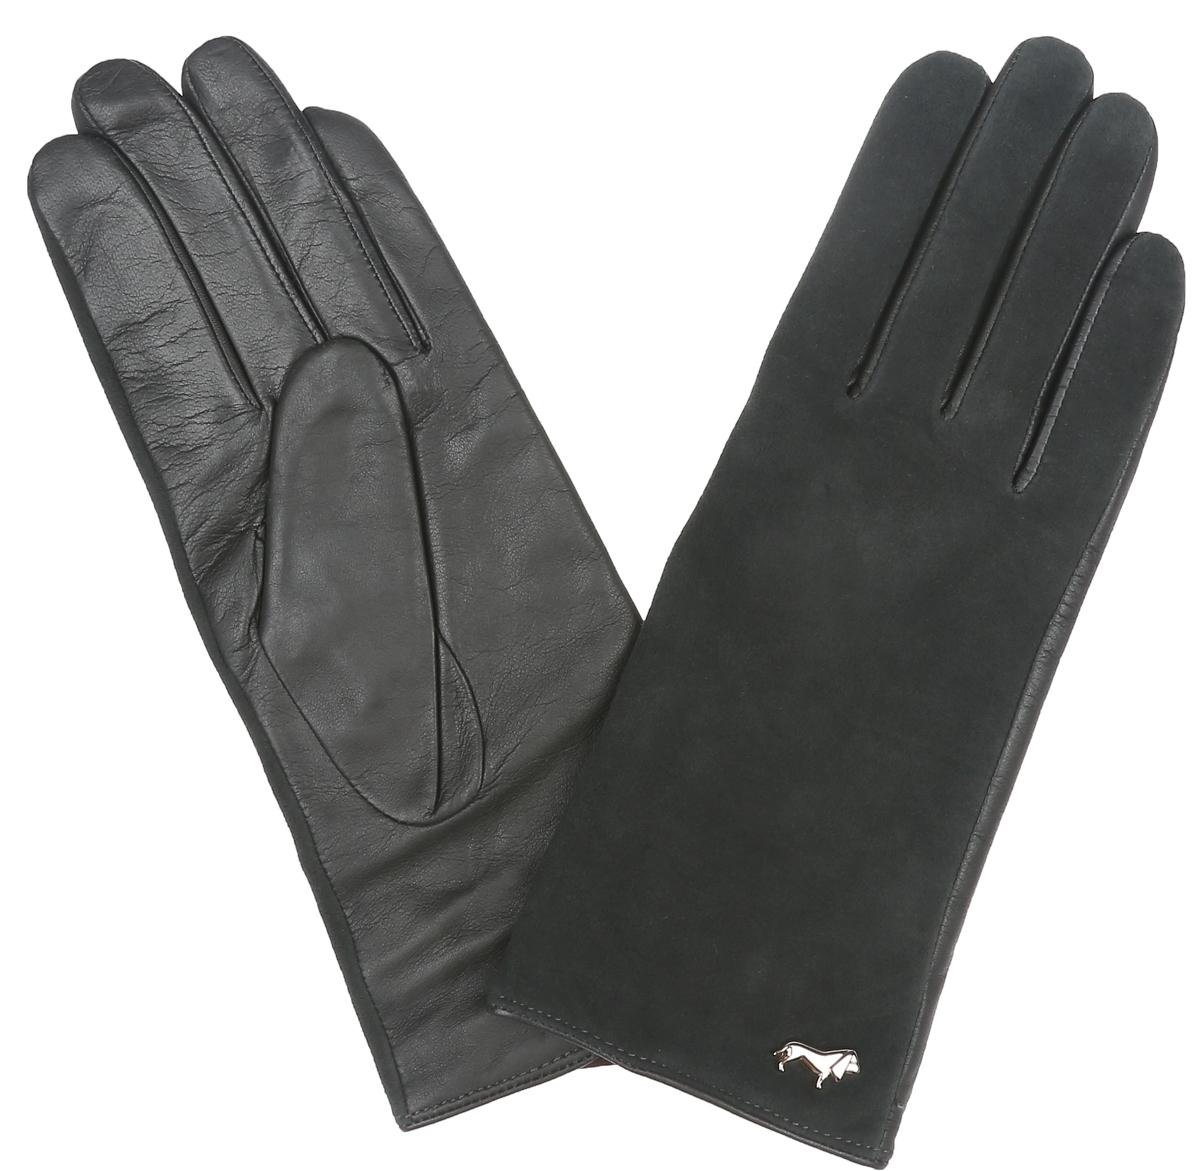 Перчатки женские Labbra, цвет: темно-серый. LB-4707. Размер 6,5LB-4707Классические женские перчатки Labbra не только защитят ваши руки, но и станутвеликолепным украшением. Тыльная сторона перчаток выполнена иззамши, а на ладошках- из чрезвычайно мягкой и приятной на ощупьнатуральной кожи ягненка, а их подкладка - из натуральной шерсти с добавлениемакрила.Внешняя сторона оформлена фирменным логотипом в виде собачки. Качественная отделка кожи ягненка делает эту модель нетолько красивой, но и долговечной.В настоящее время перчатки являютсянеотъемлемой принадлежностью одежды, вместе с этим аксессуаром выобретаете женственность и элегантность. Перчатки станут завершающим иподчеркивающим элементом вашего стиля и неповторимости.